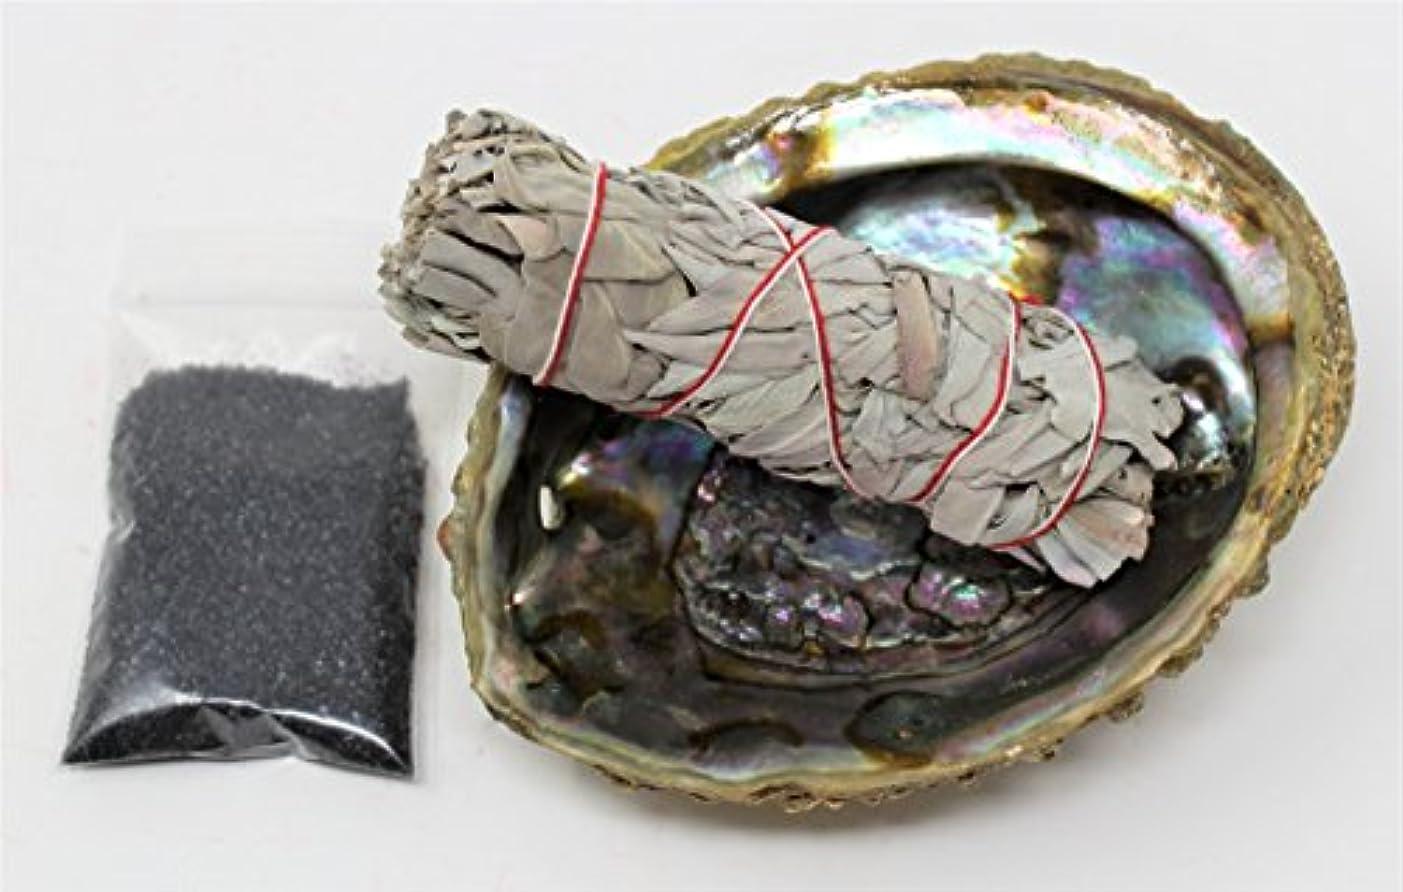 百ソースクレデンシャルセージSmudgeキットwithカリフォルニアホワイトセージ、Large Abalone Shell、ブラックSalt Plus Smudging Directions